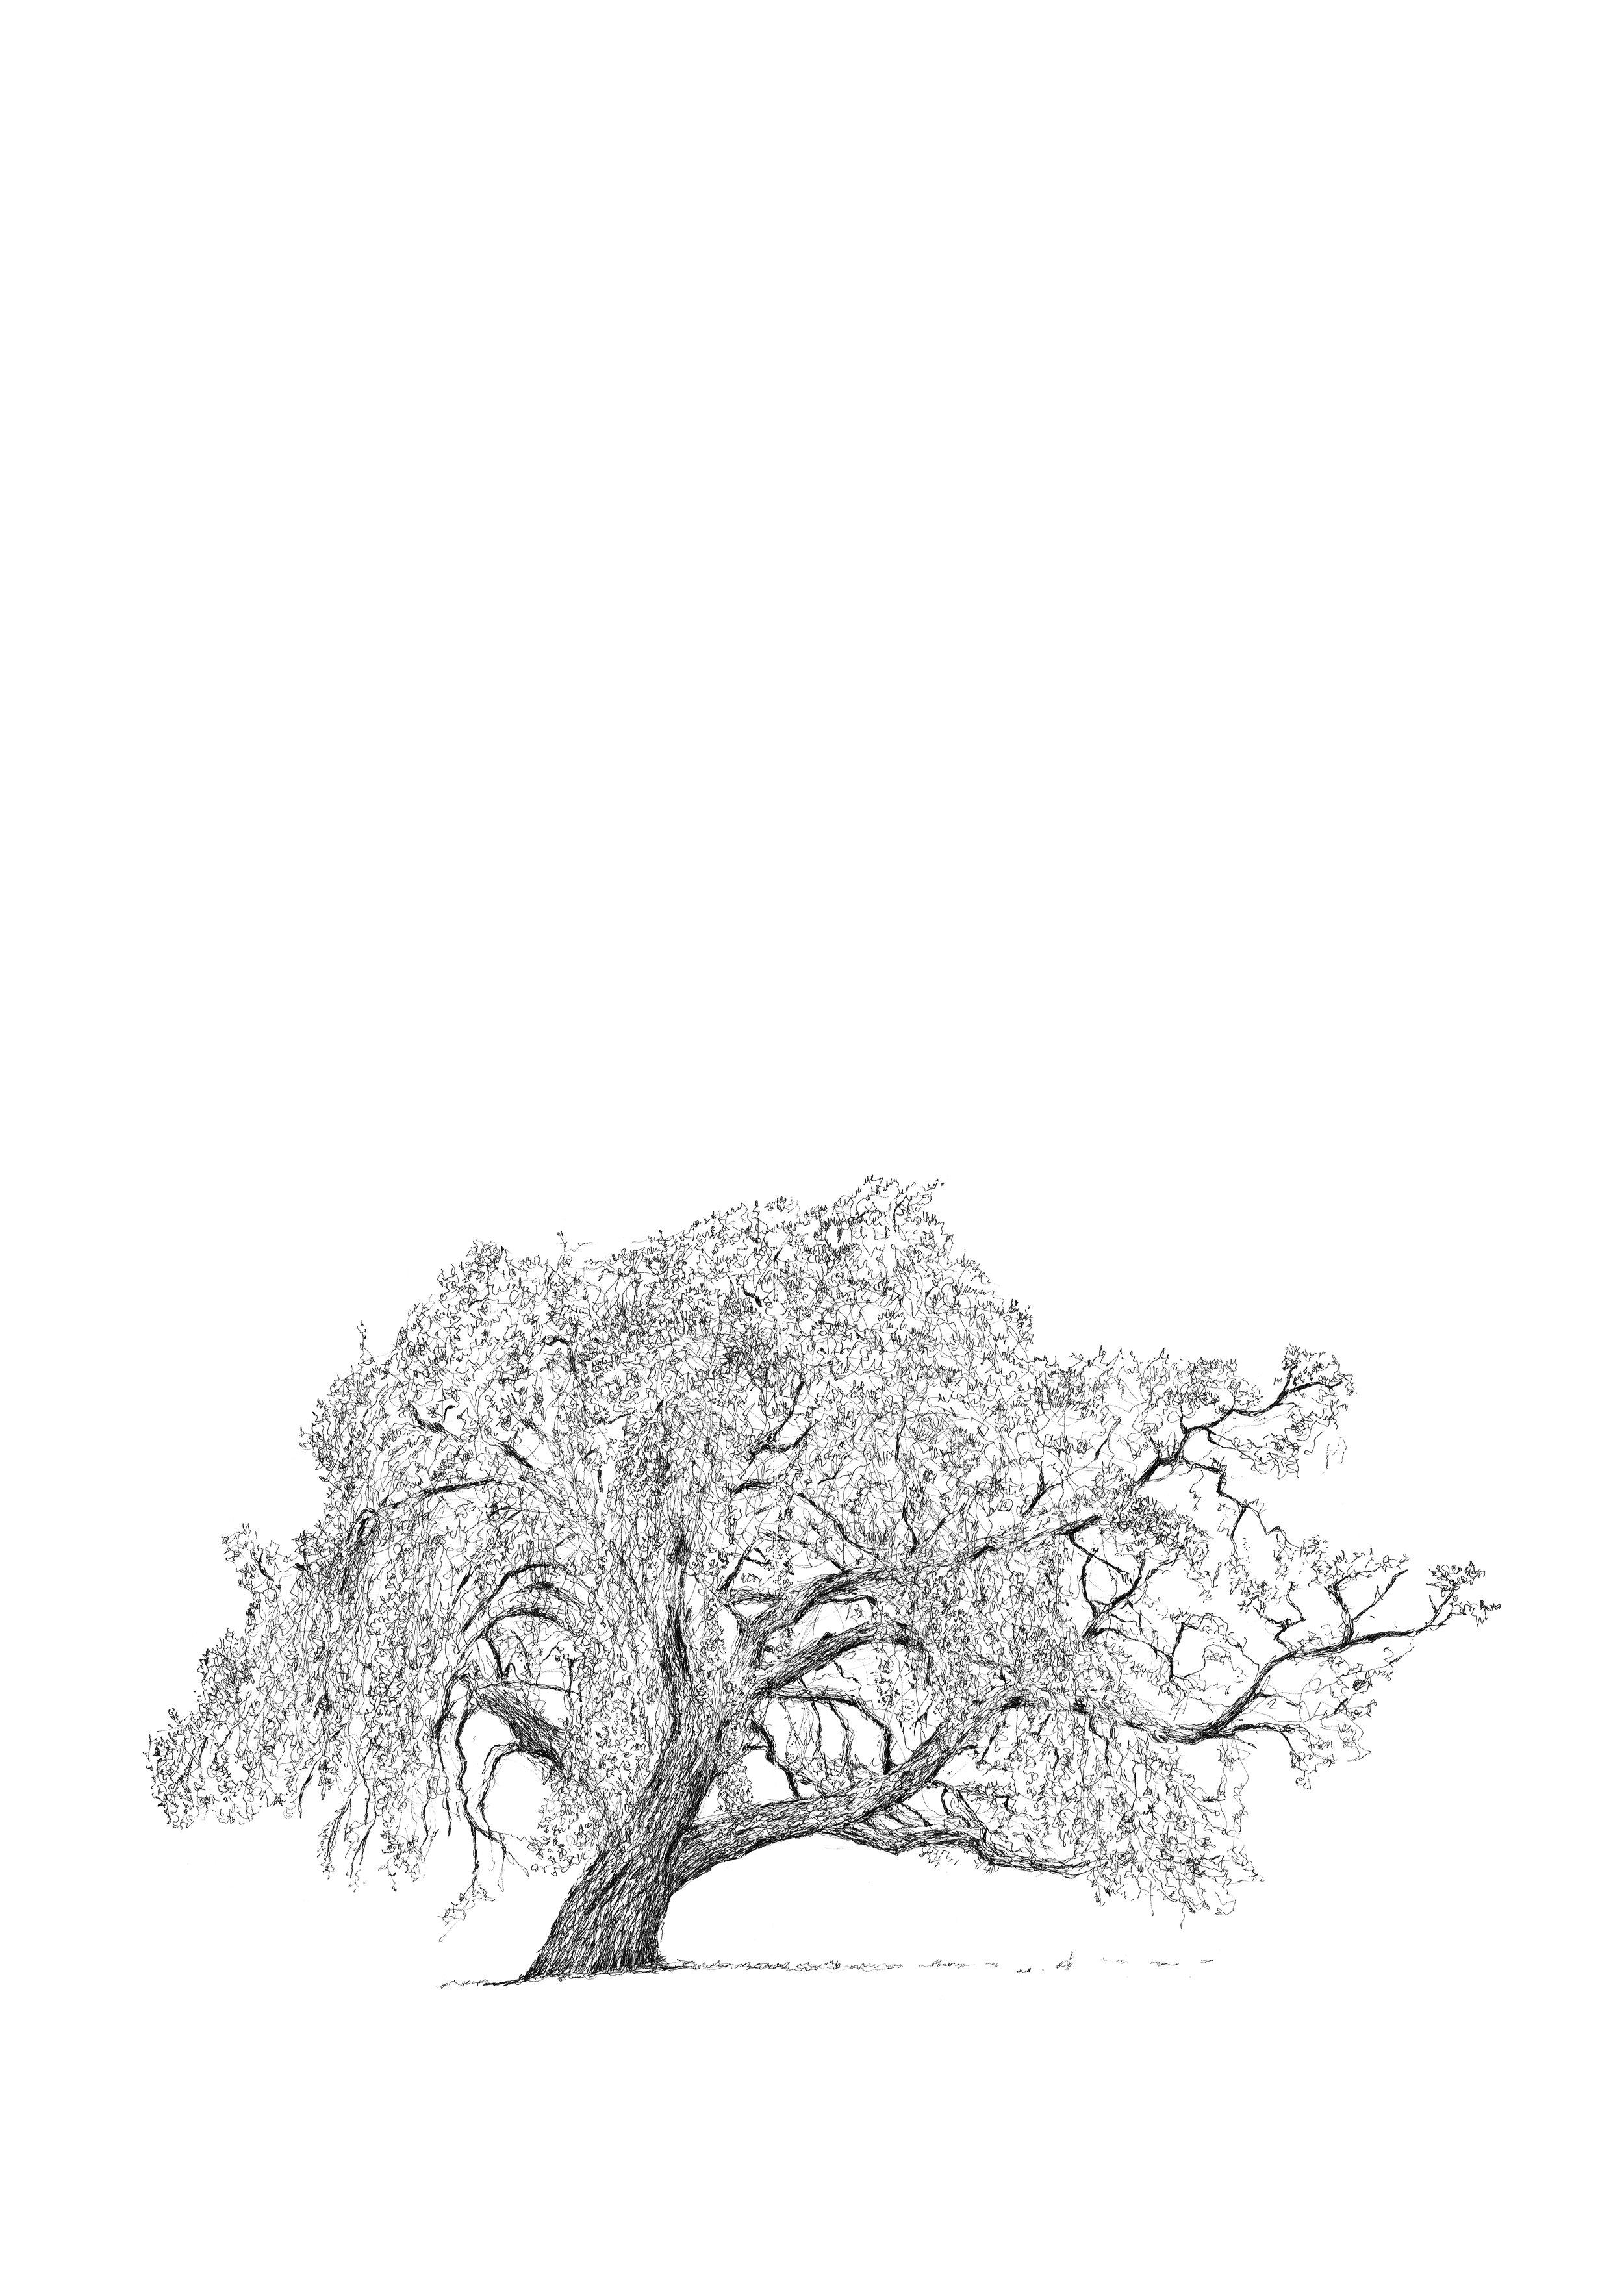 OSTERLEY PARK CORK OAK- LUKE ADAM HAWKER-low res.jpg